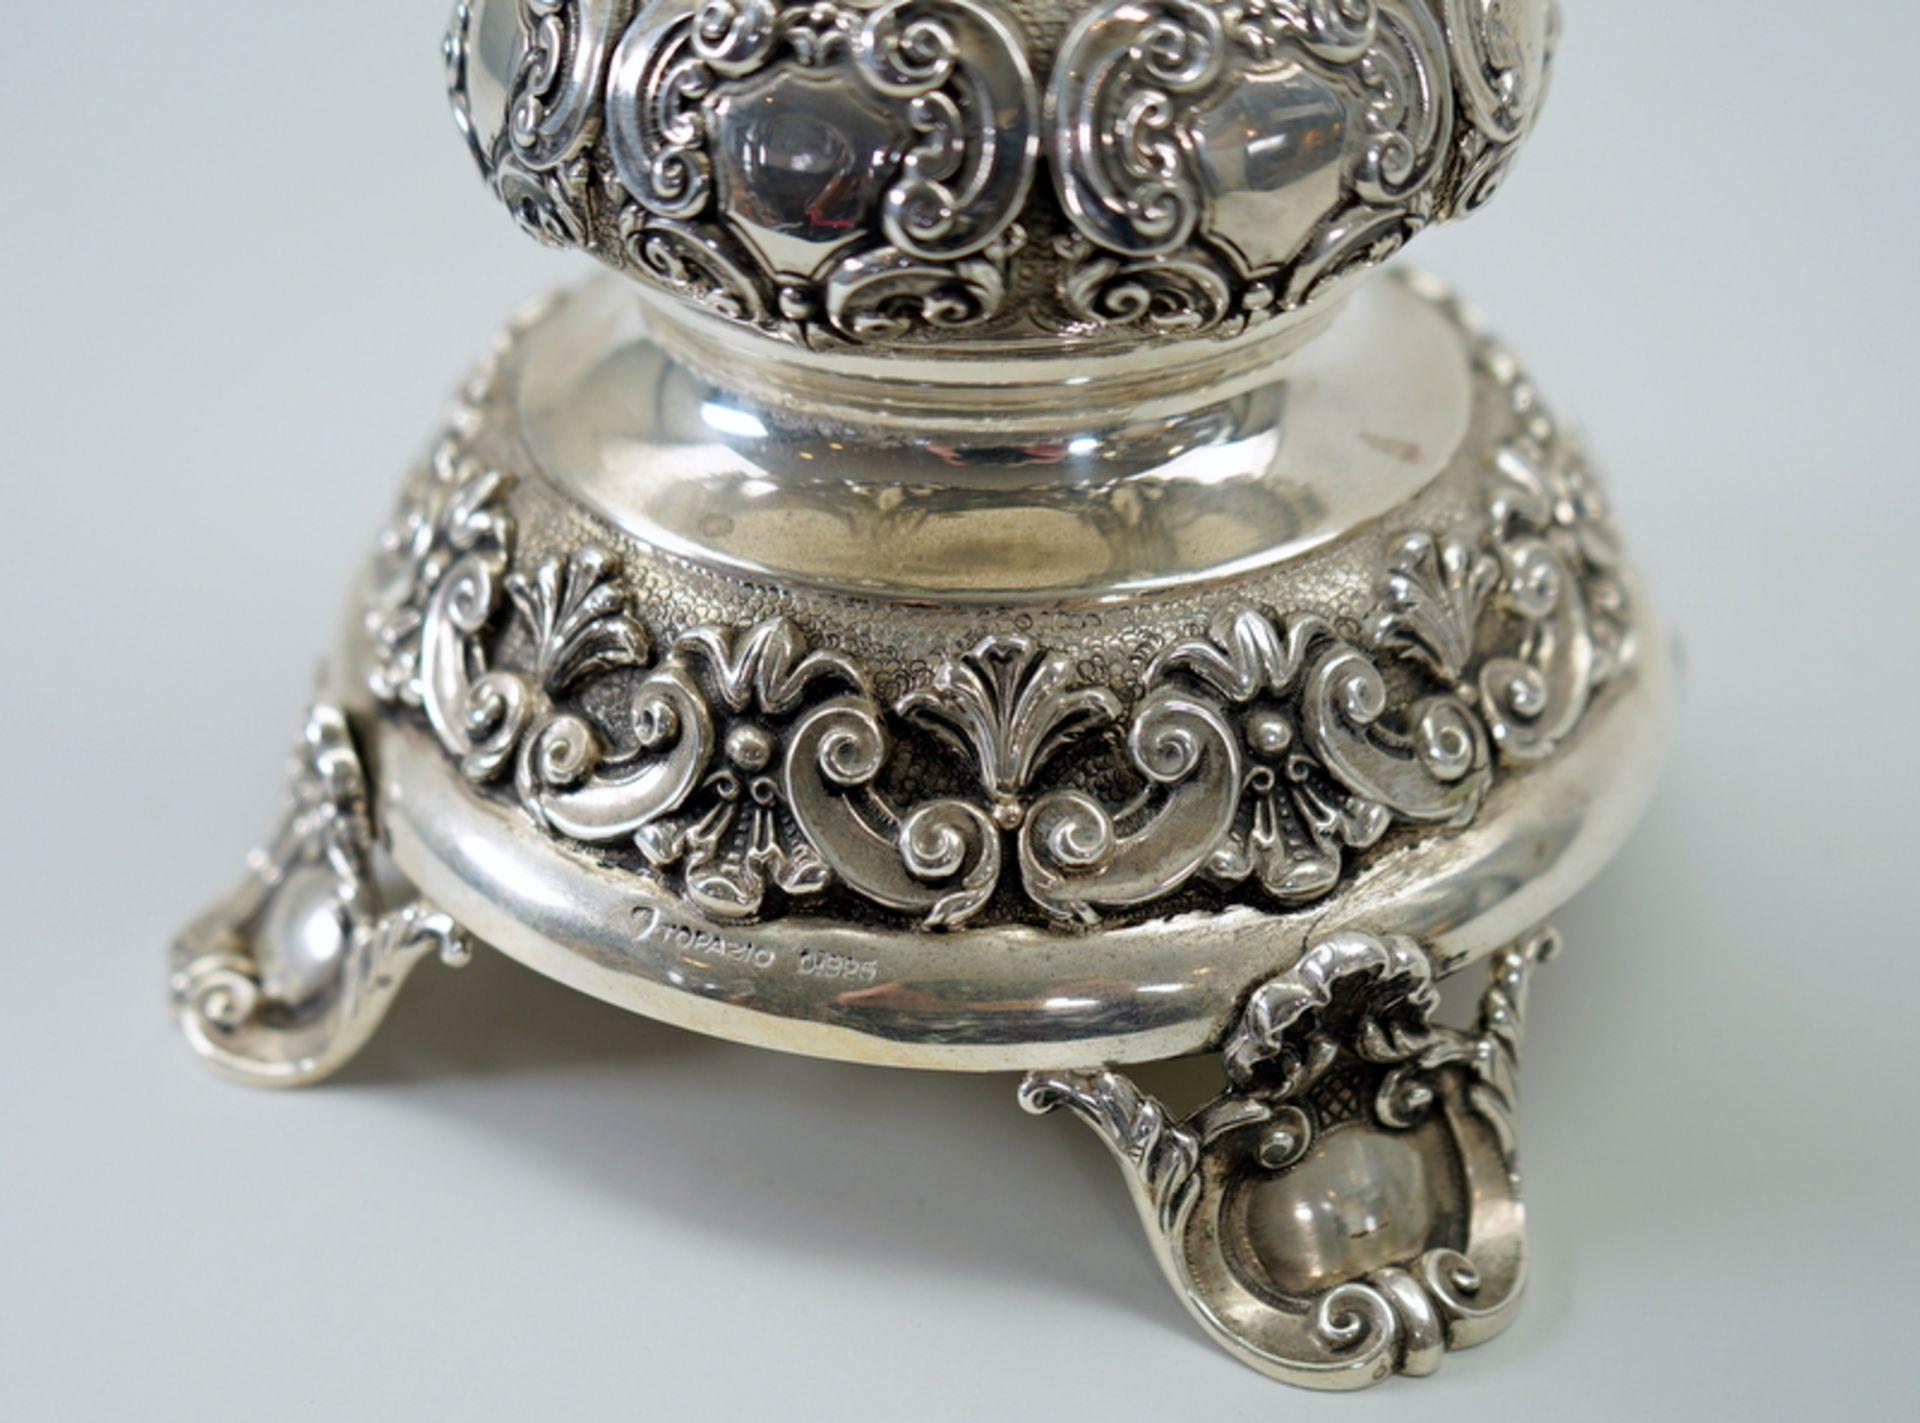 Silber-Kandelaber - Image 6 of 8